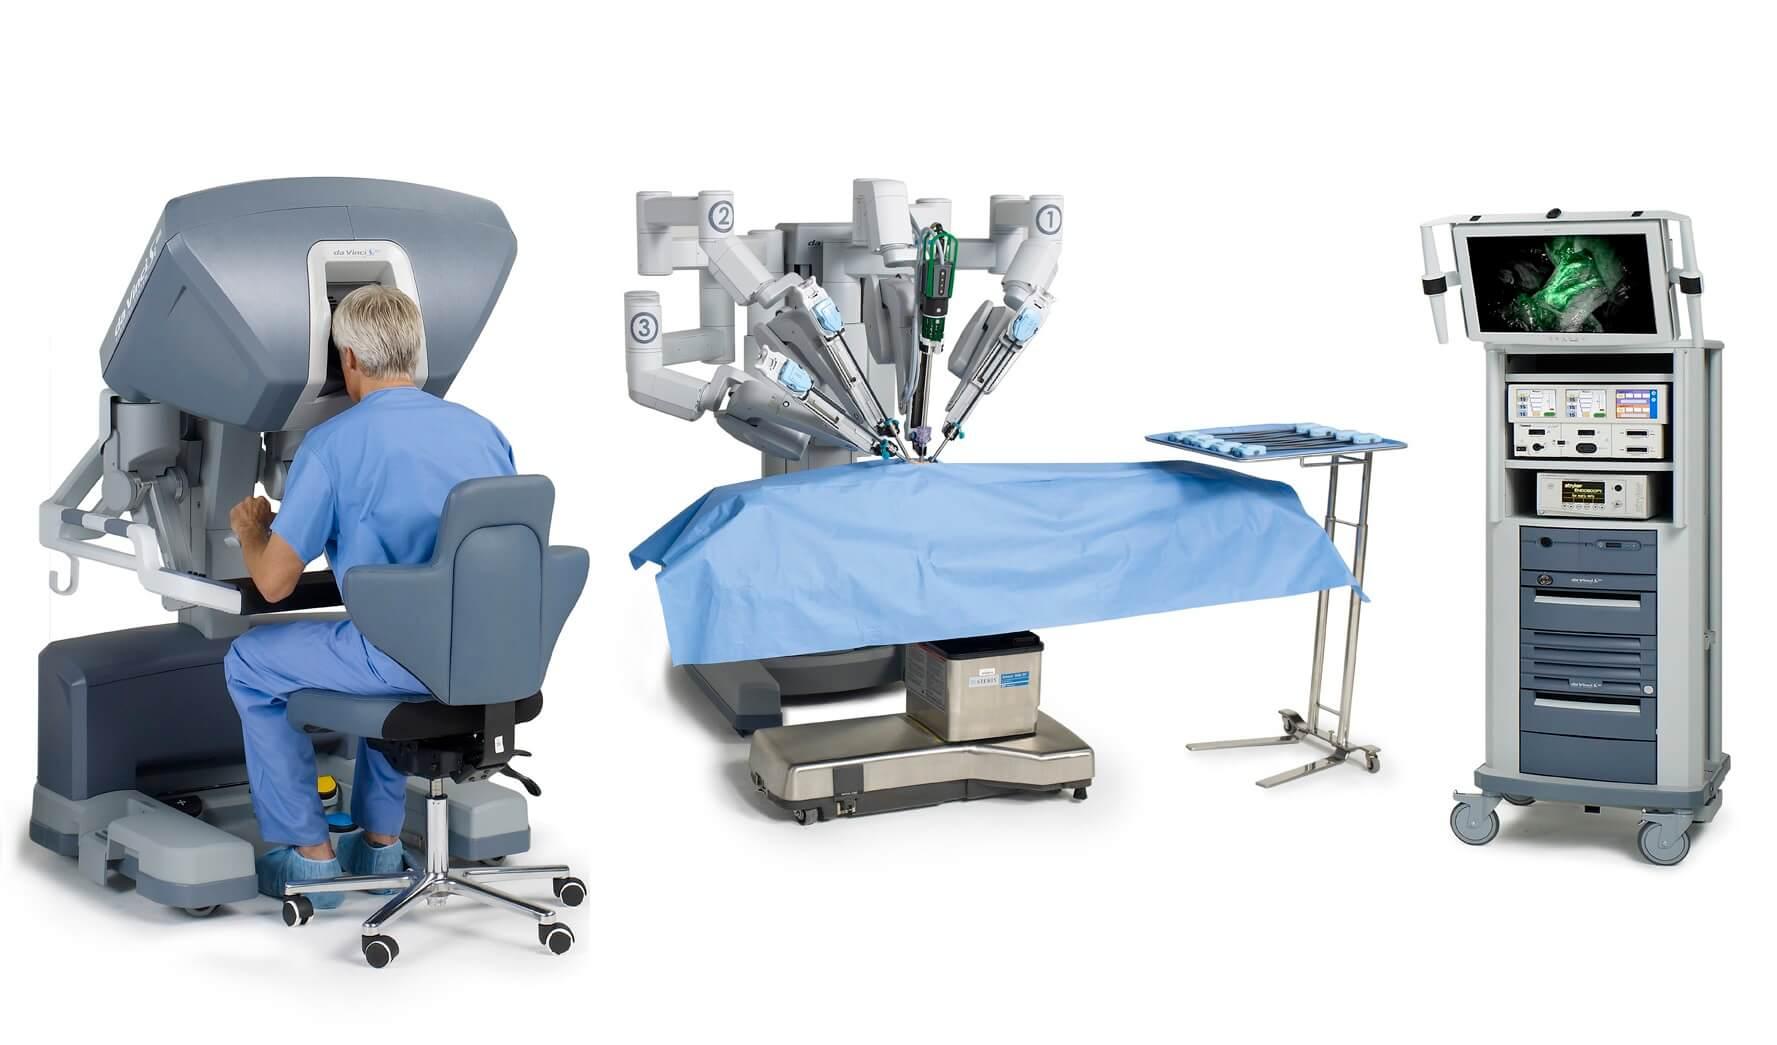 达芬奇手术机器人由操作台、手术台、可视系统组成